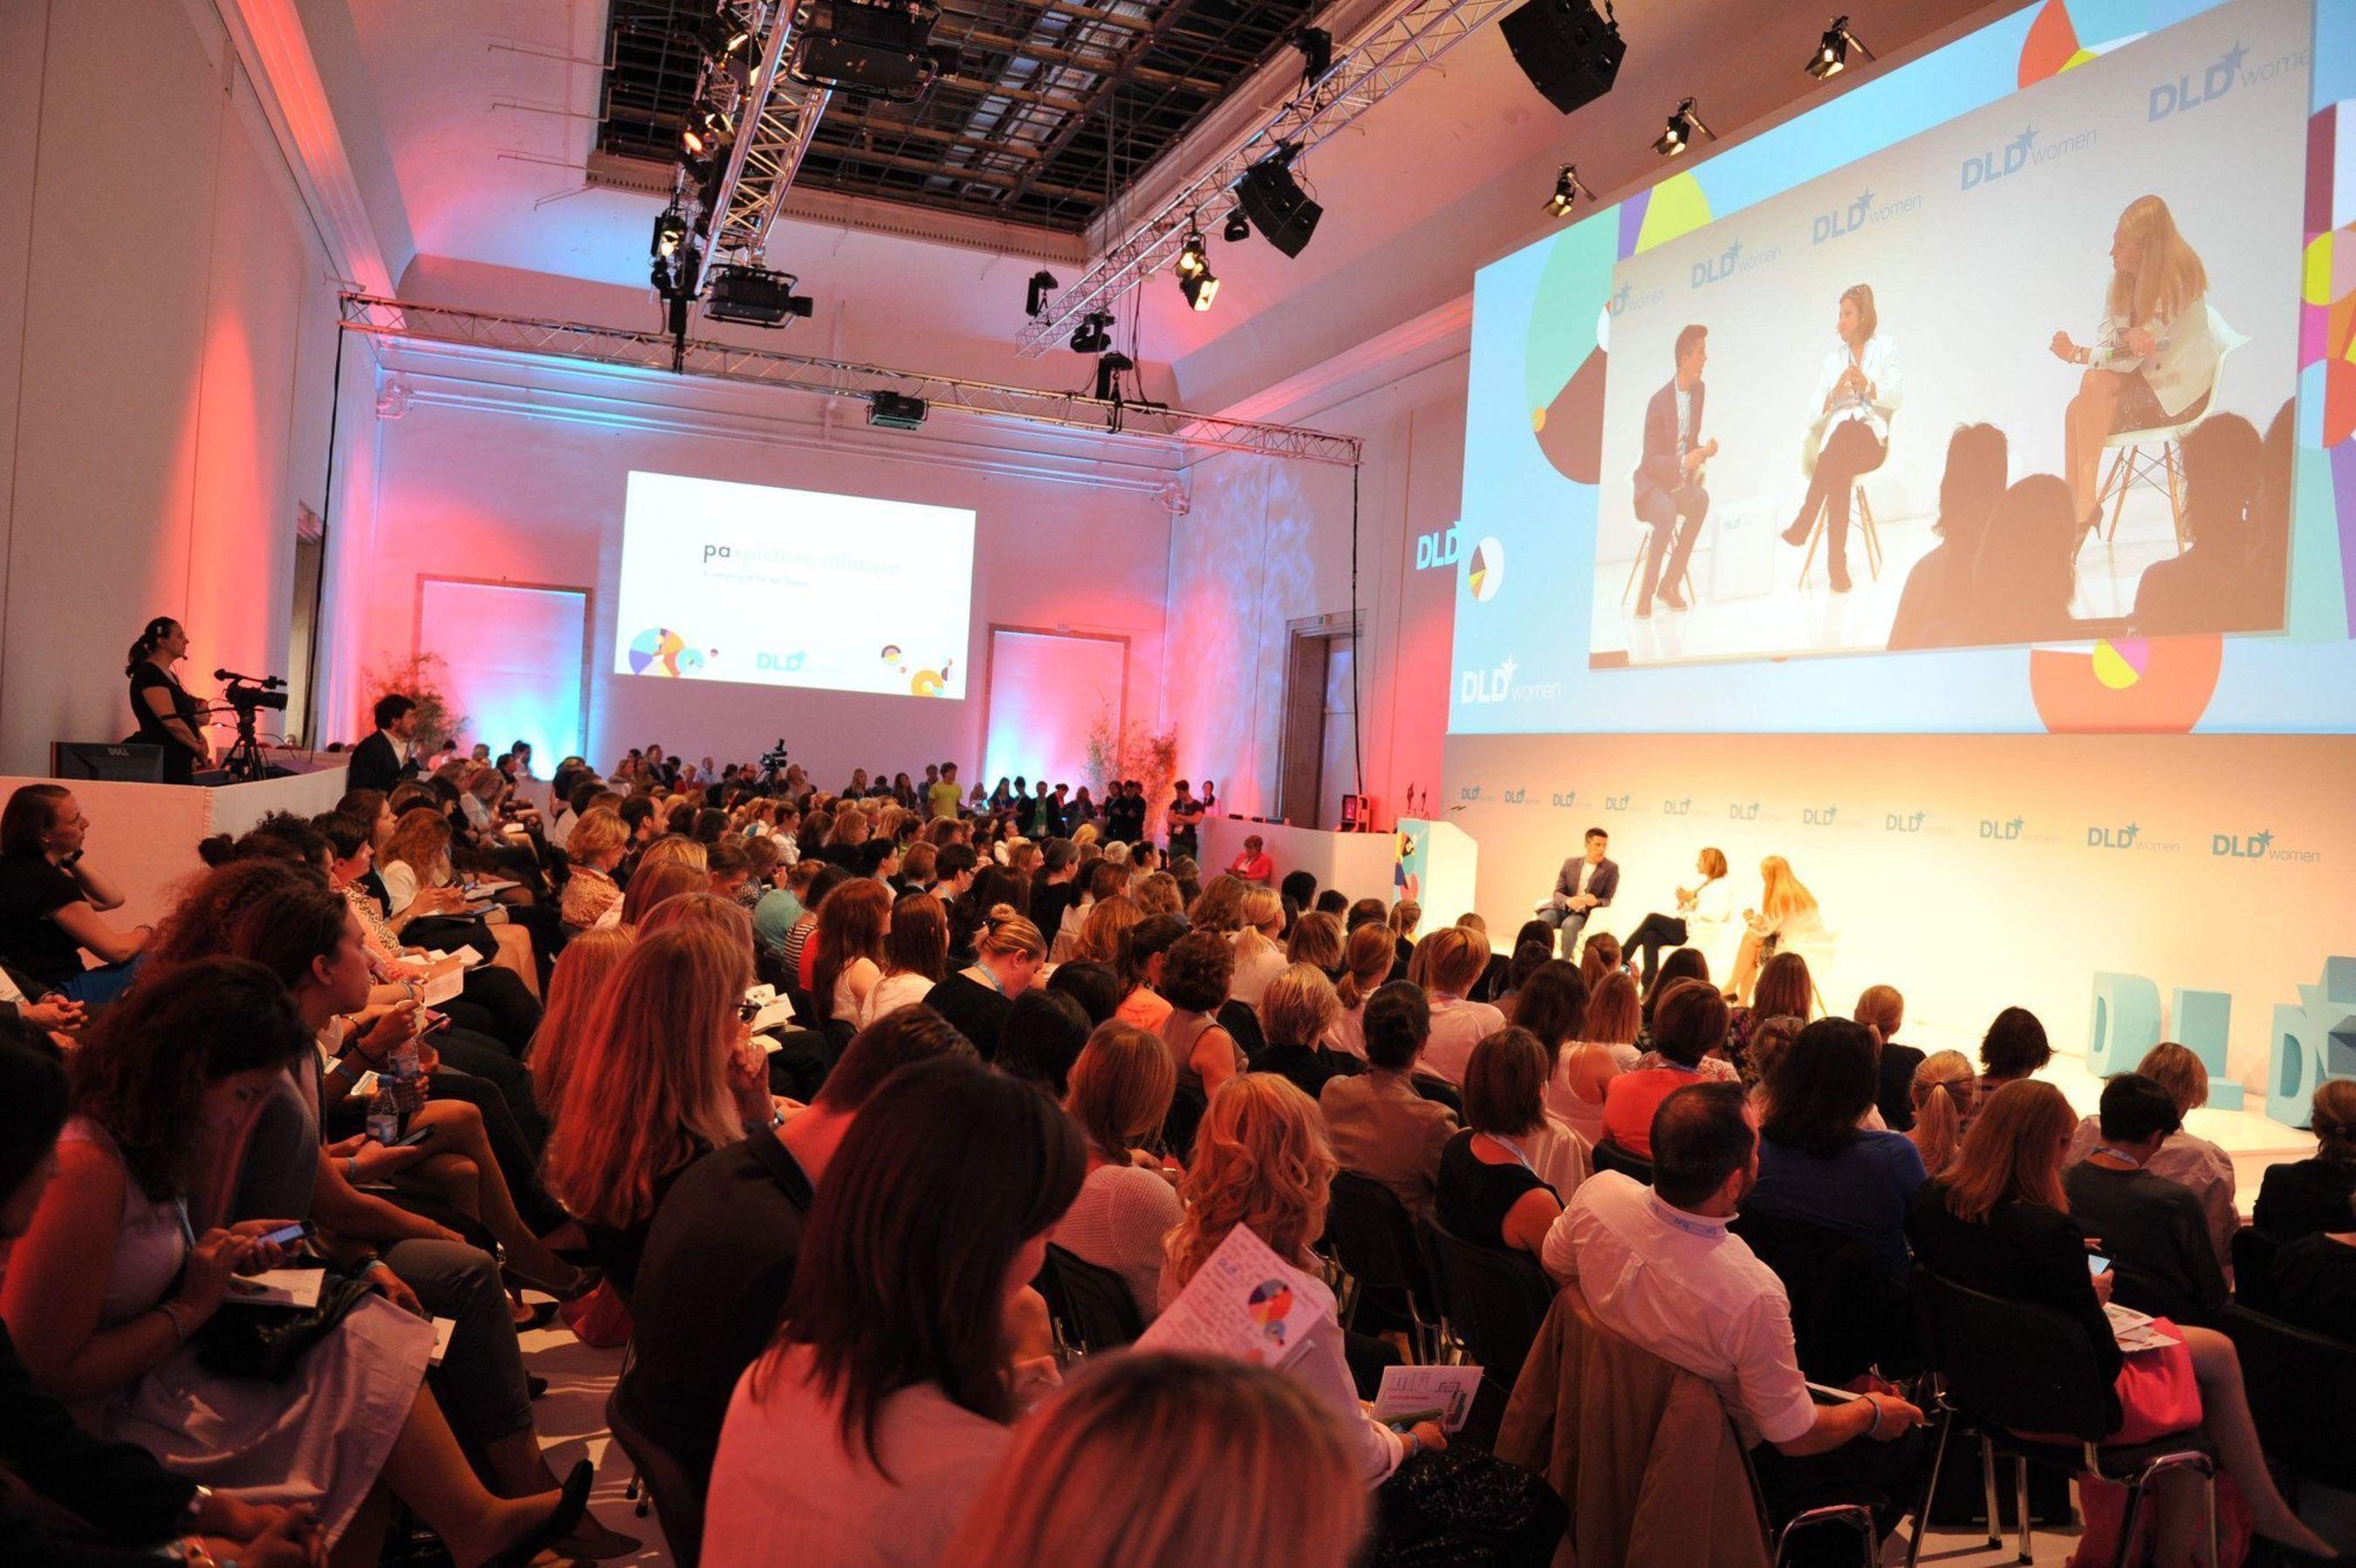 DLD Women 2014 Conference Day at Haus der Kunst in Munich (PRNewsFoto/Hubert Burda Media)